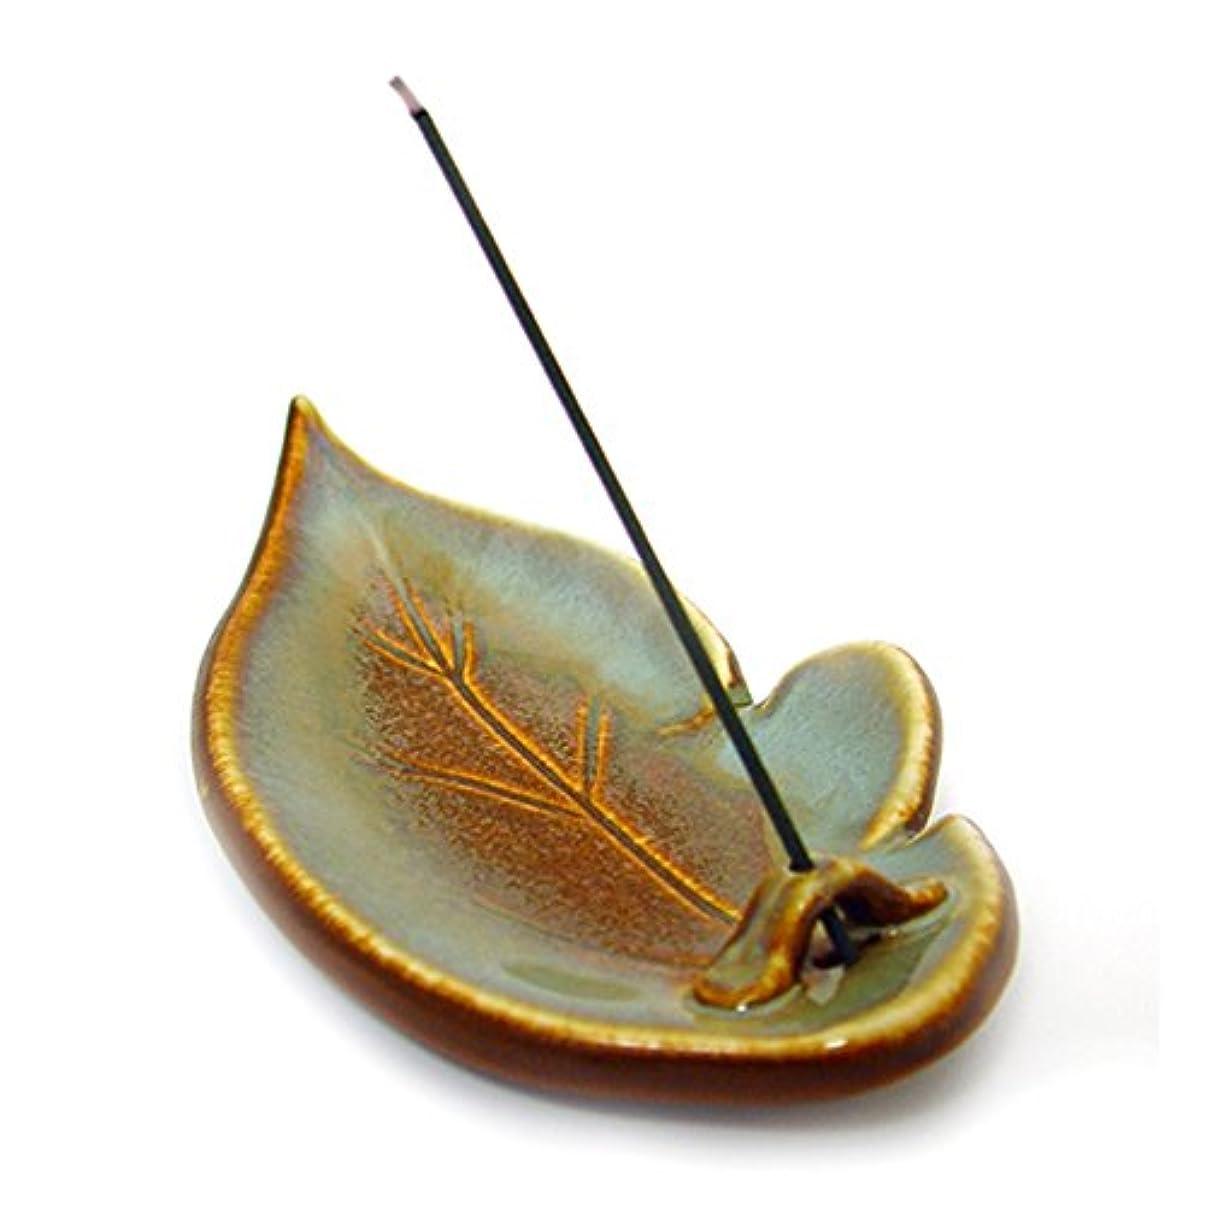 突進ブルジョン寛大なShoyeido's Desert Sage Ceramic Leaf Incense Holder by SHOYEIDO [並行輸入品]